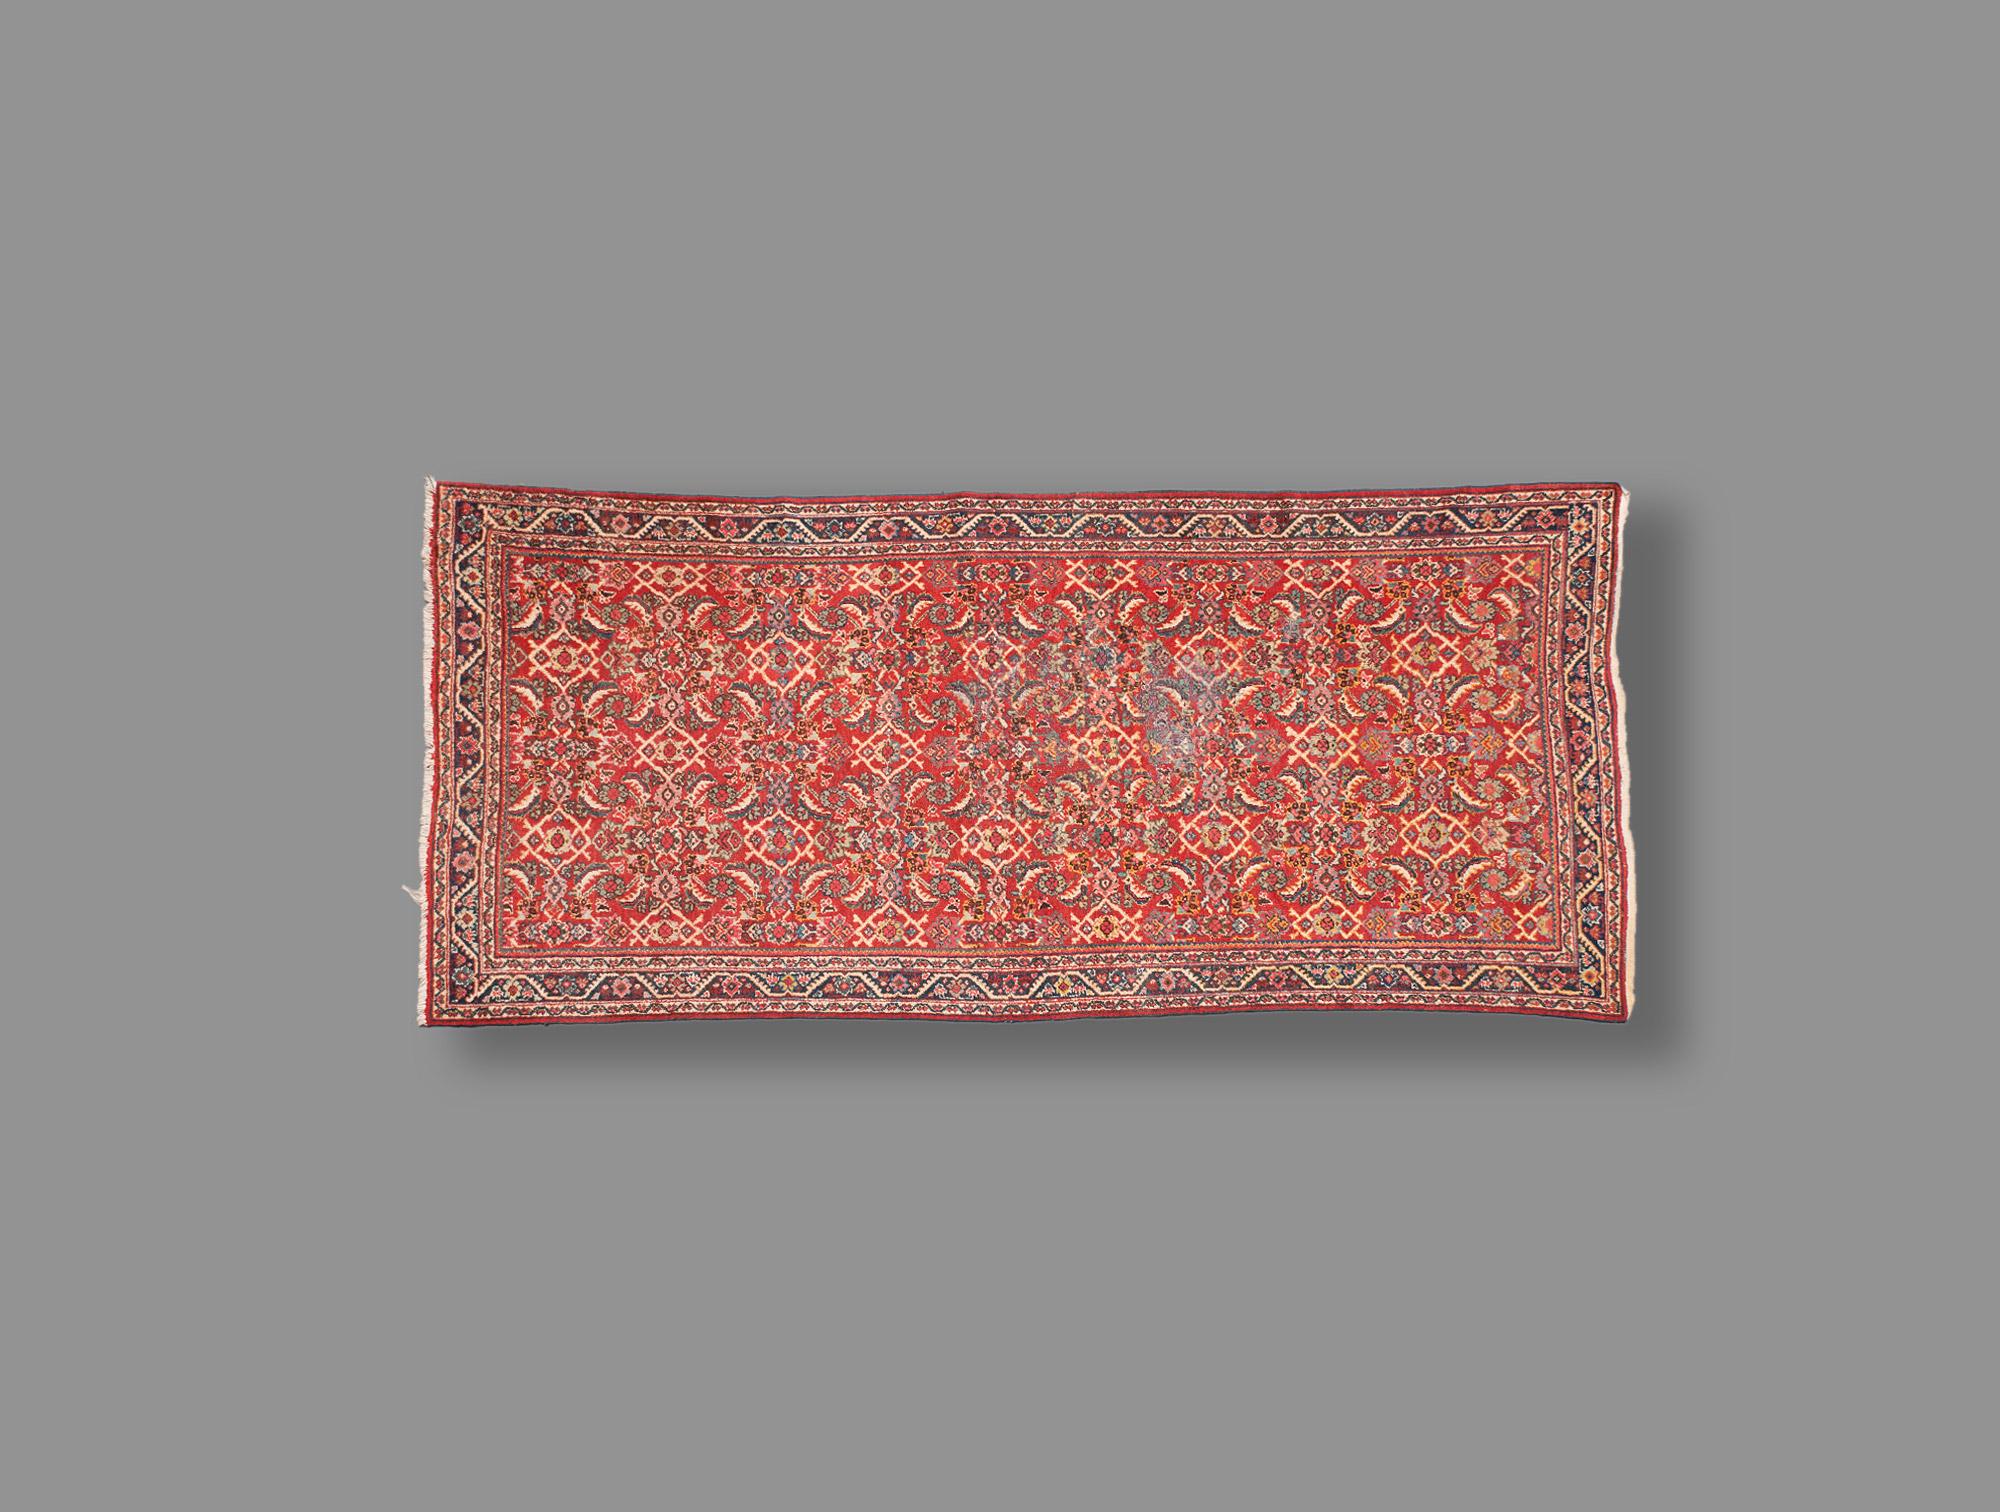 tapis d 39 orient rouge soubrier louer mobiliers tapis xixe. Black Bedroom Furniture Sets. Home Design Ideas